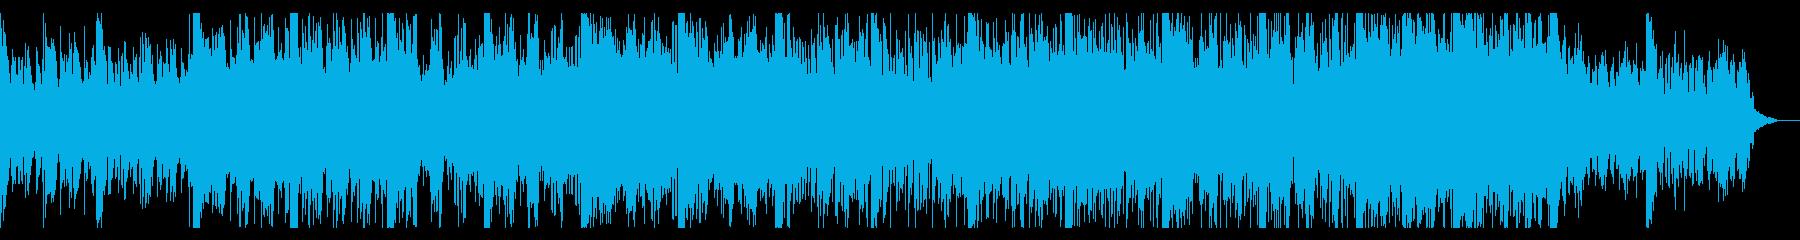 ダークで重々しいインダストリアルの再生済みの波形